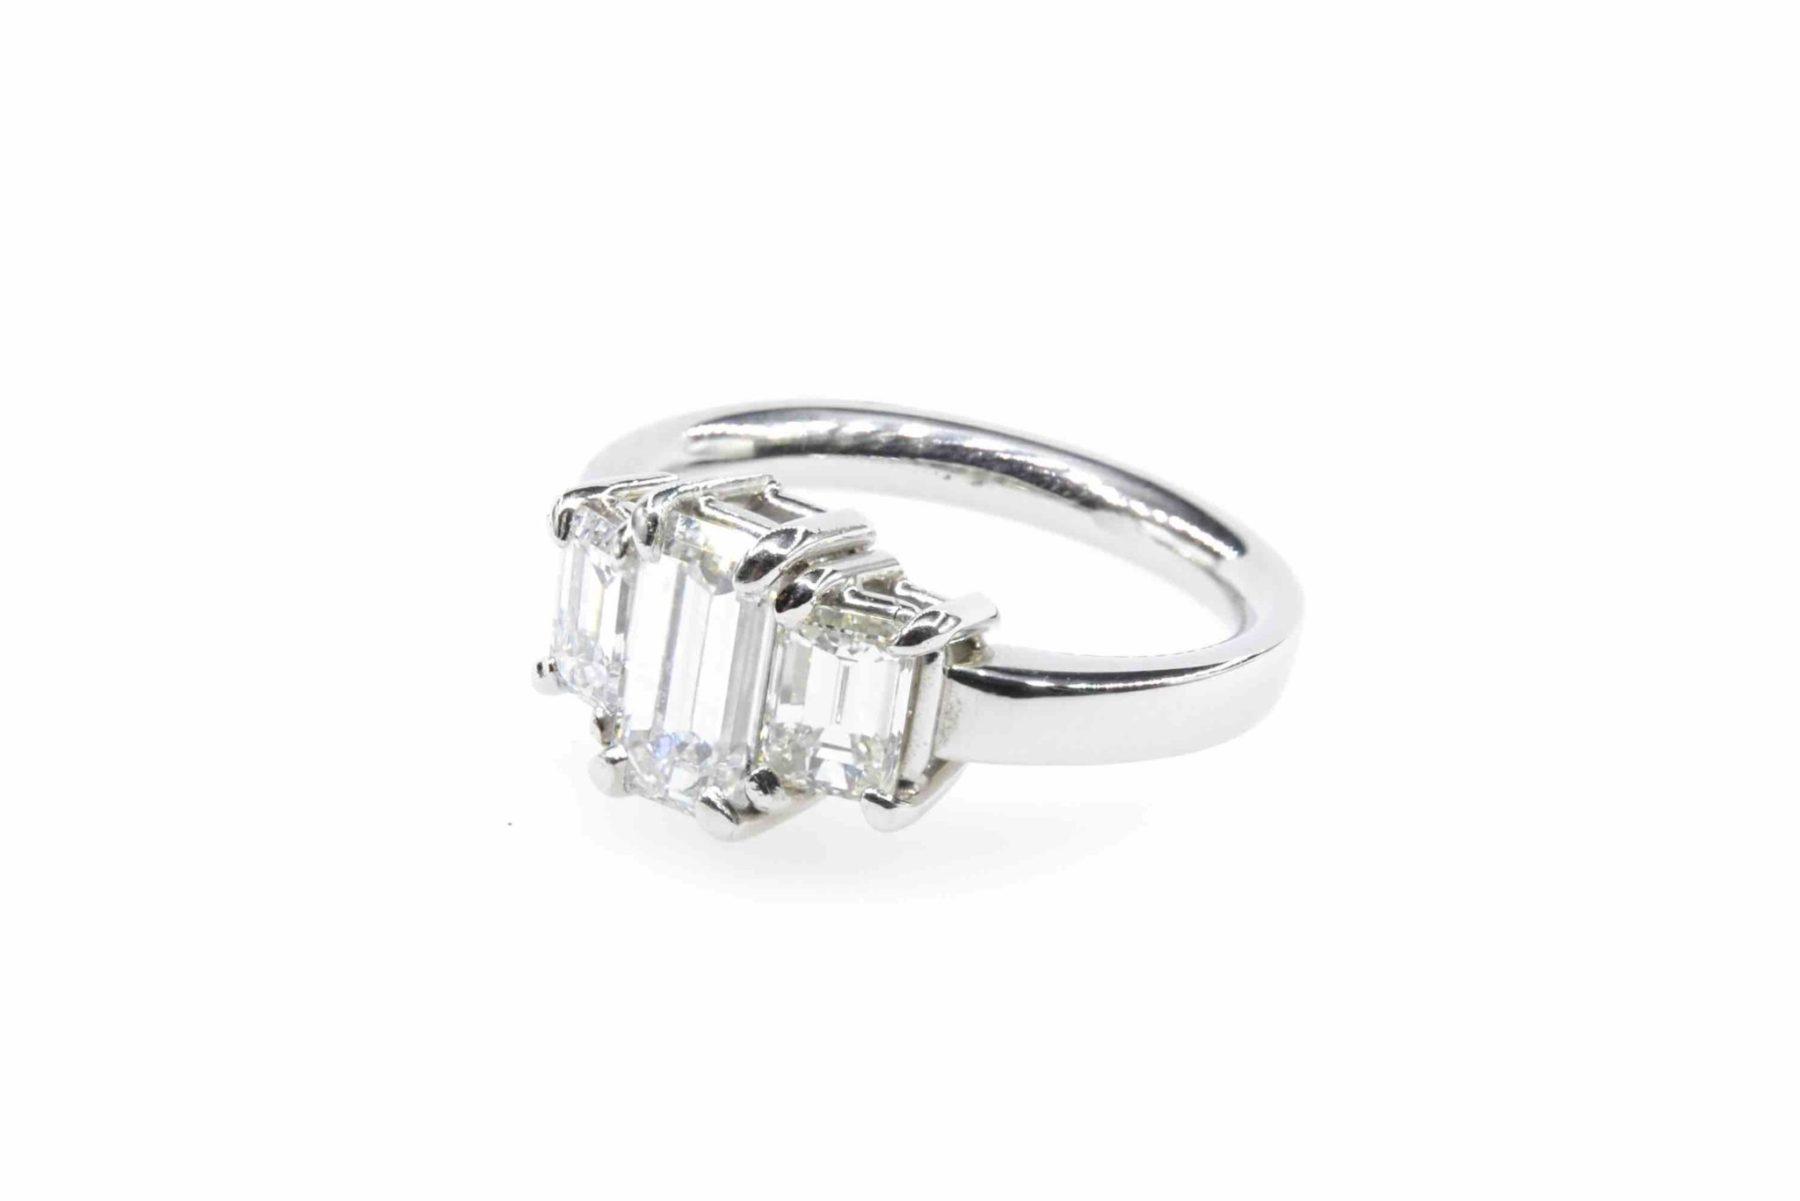 Bague diamants de taille émeraude